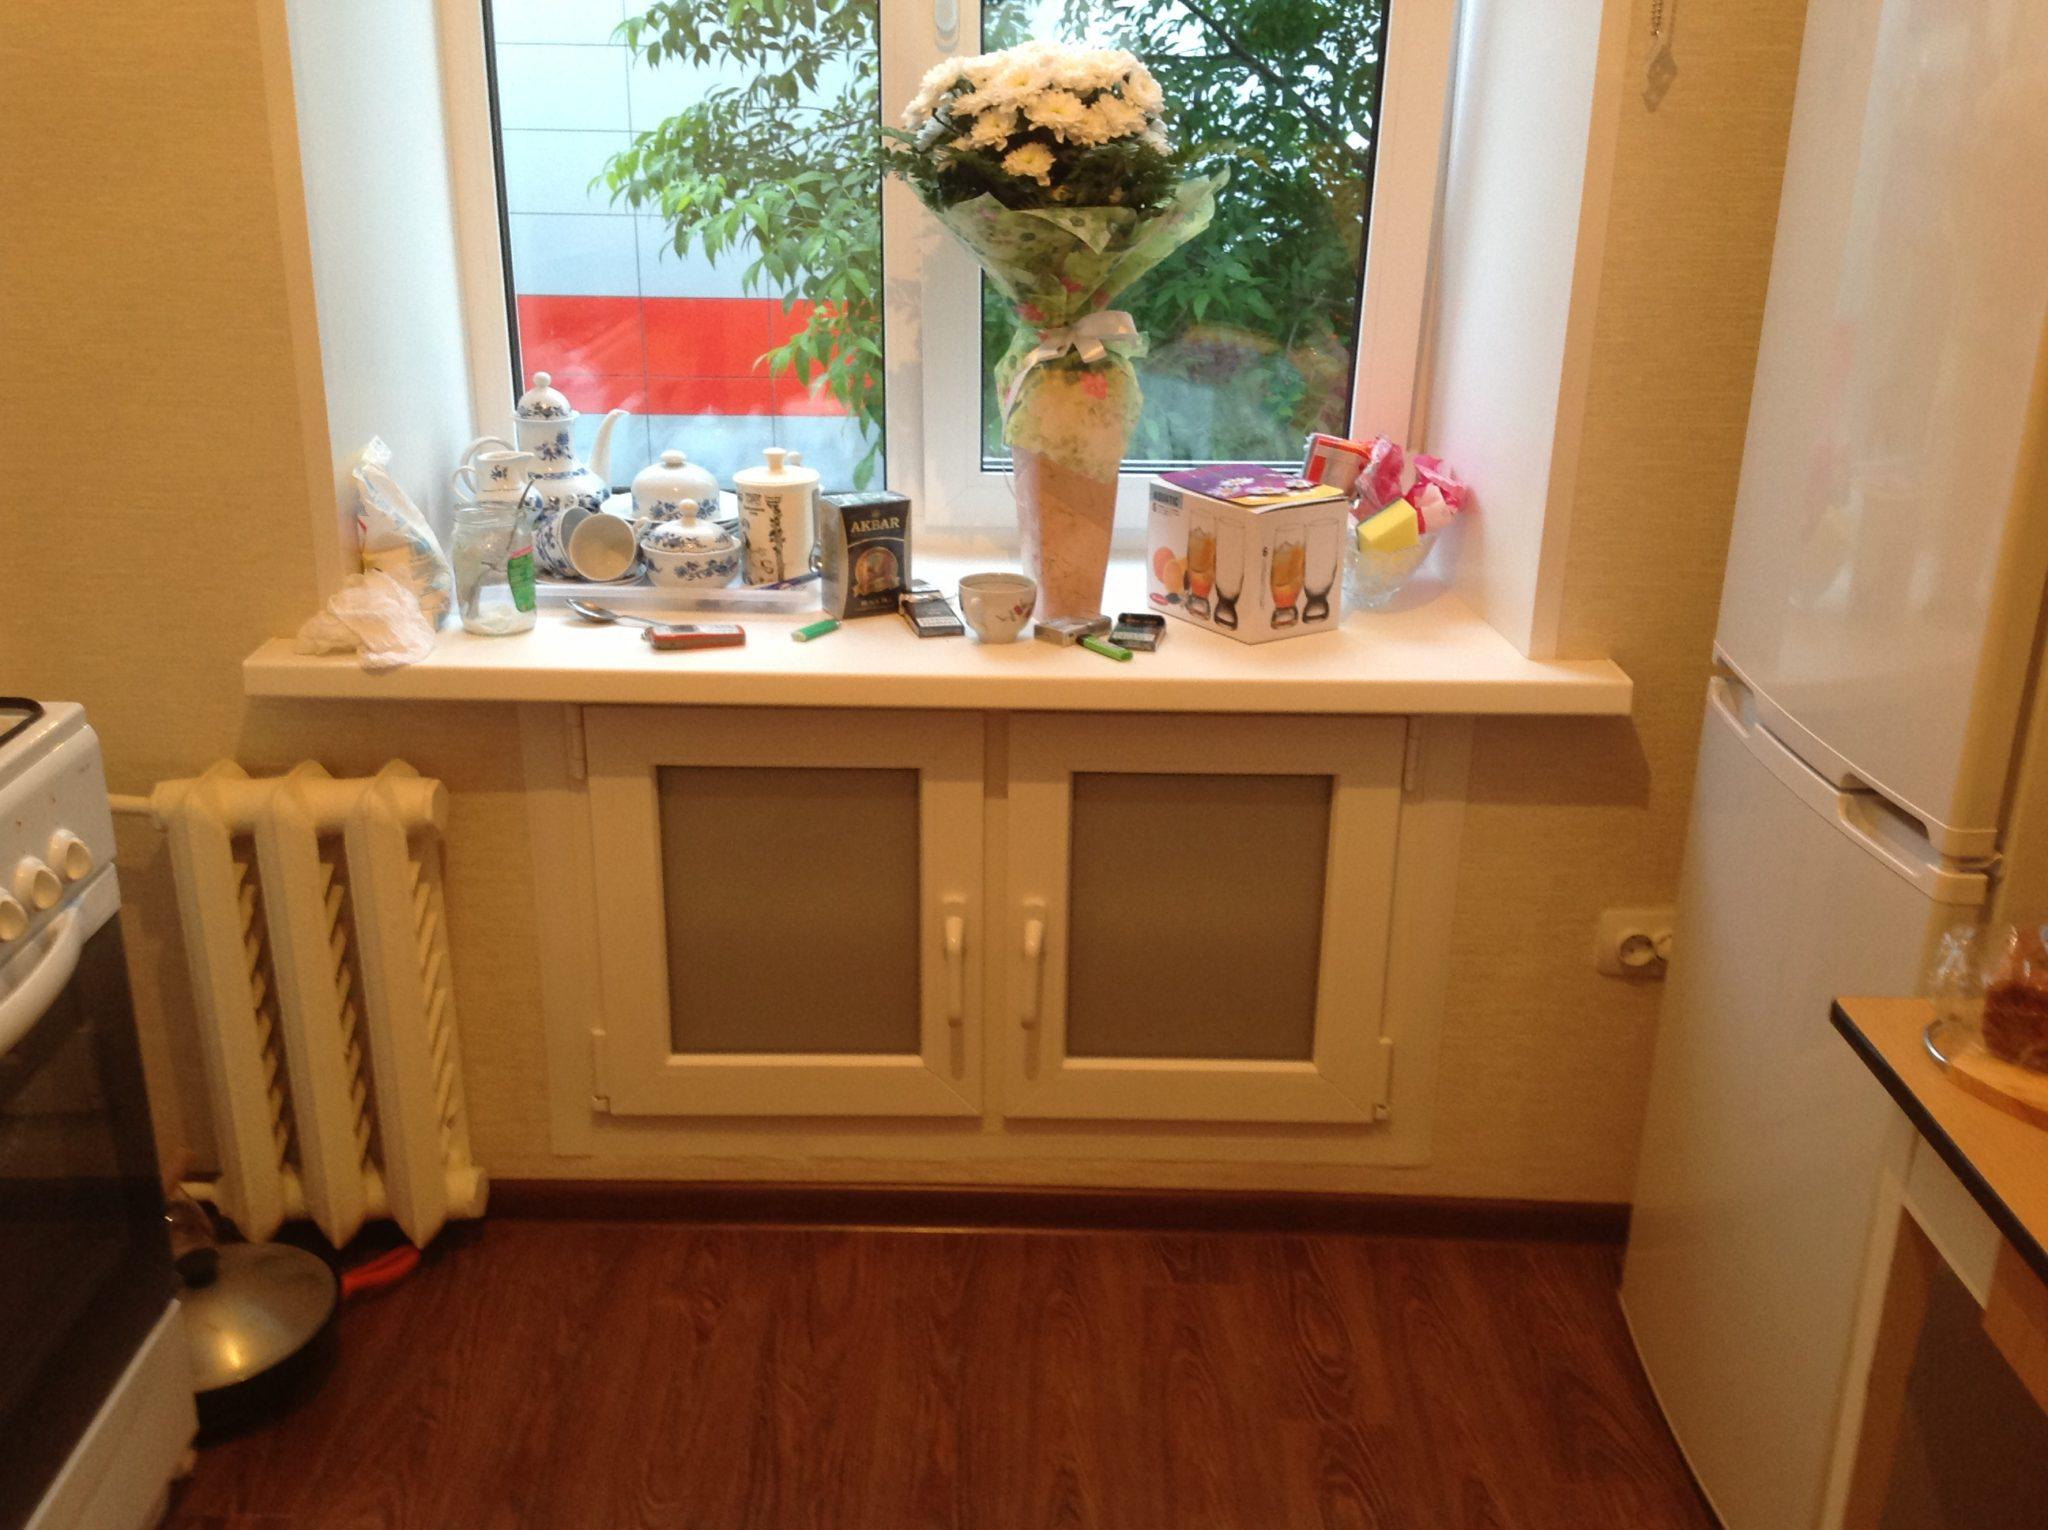 «Хрущевский холодильник»: плюсы и минусы. Встроенный кухонный холодильник